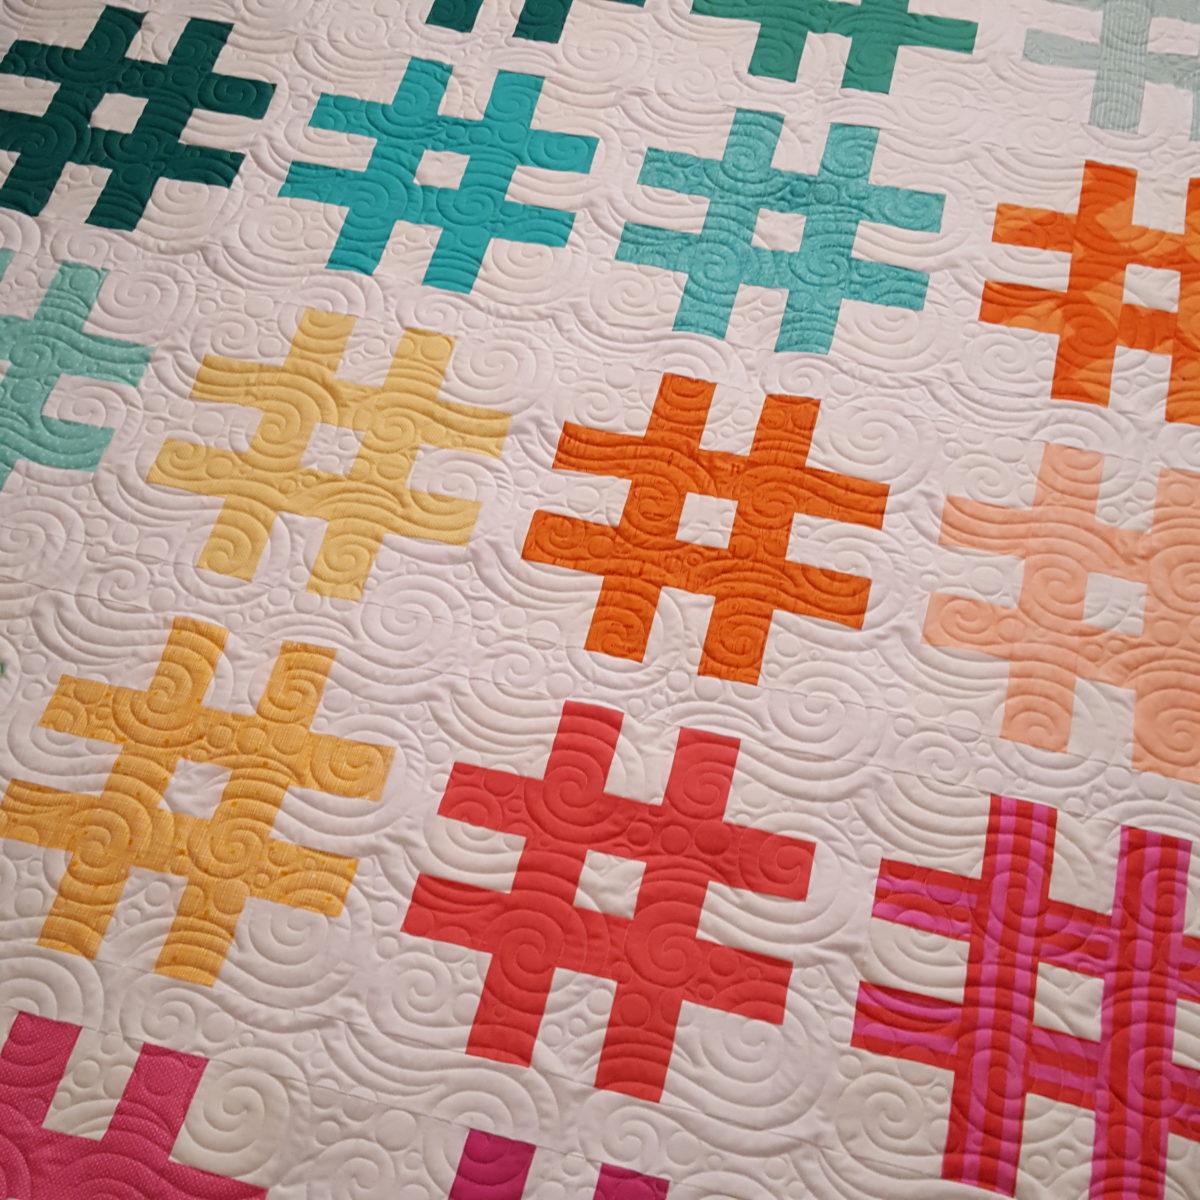 Sara's Hashtag Quilt